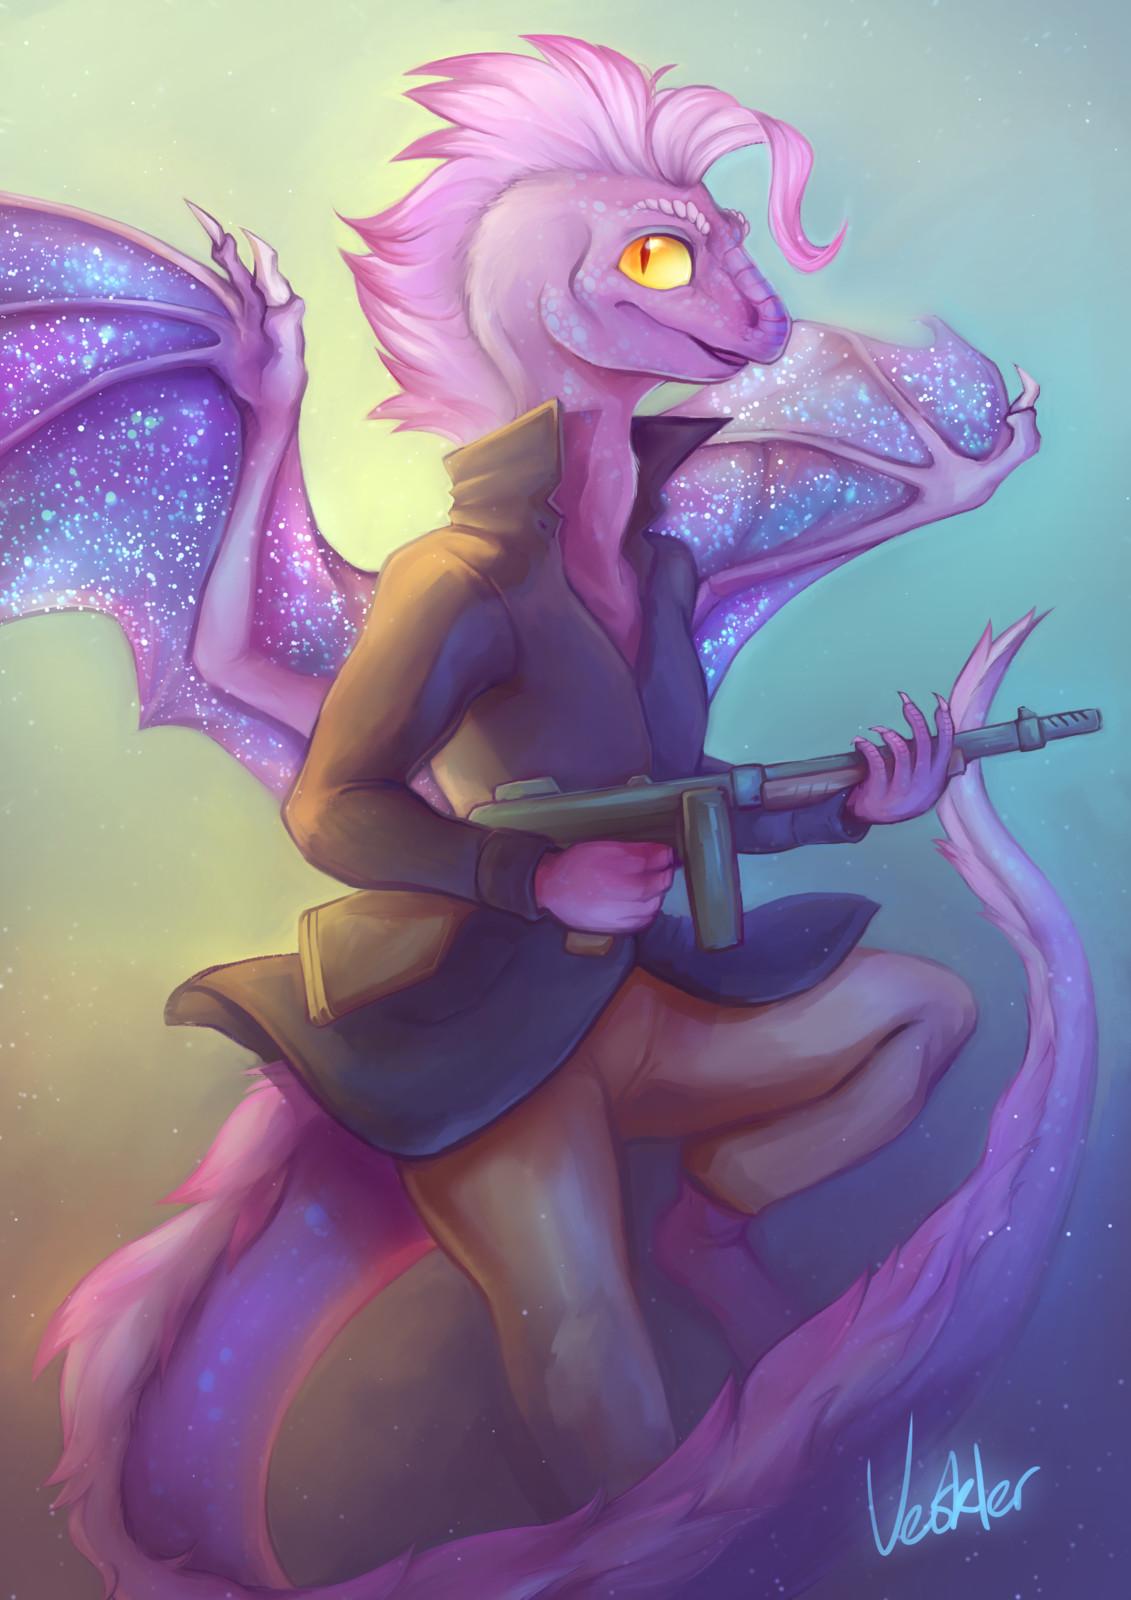 my original character Mena